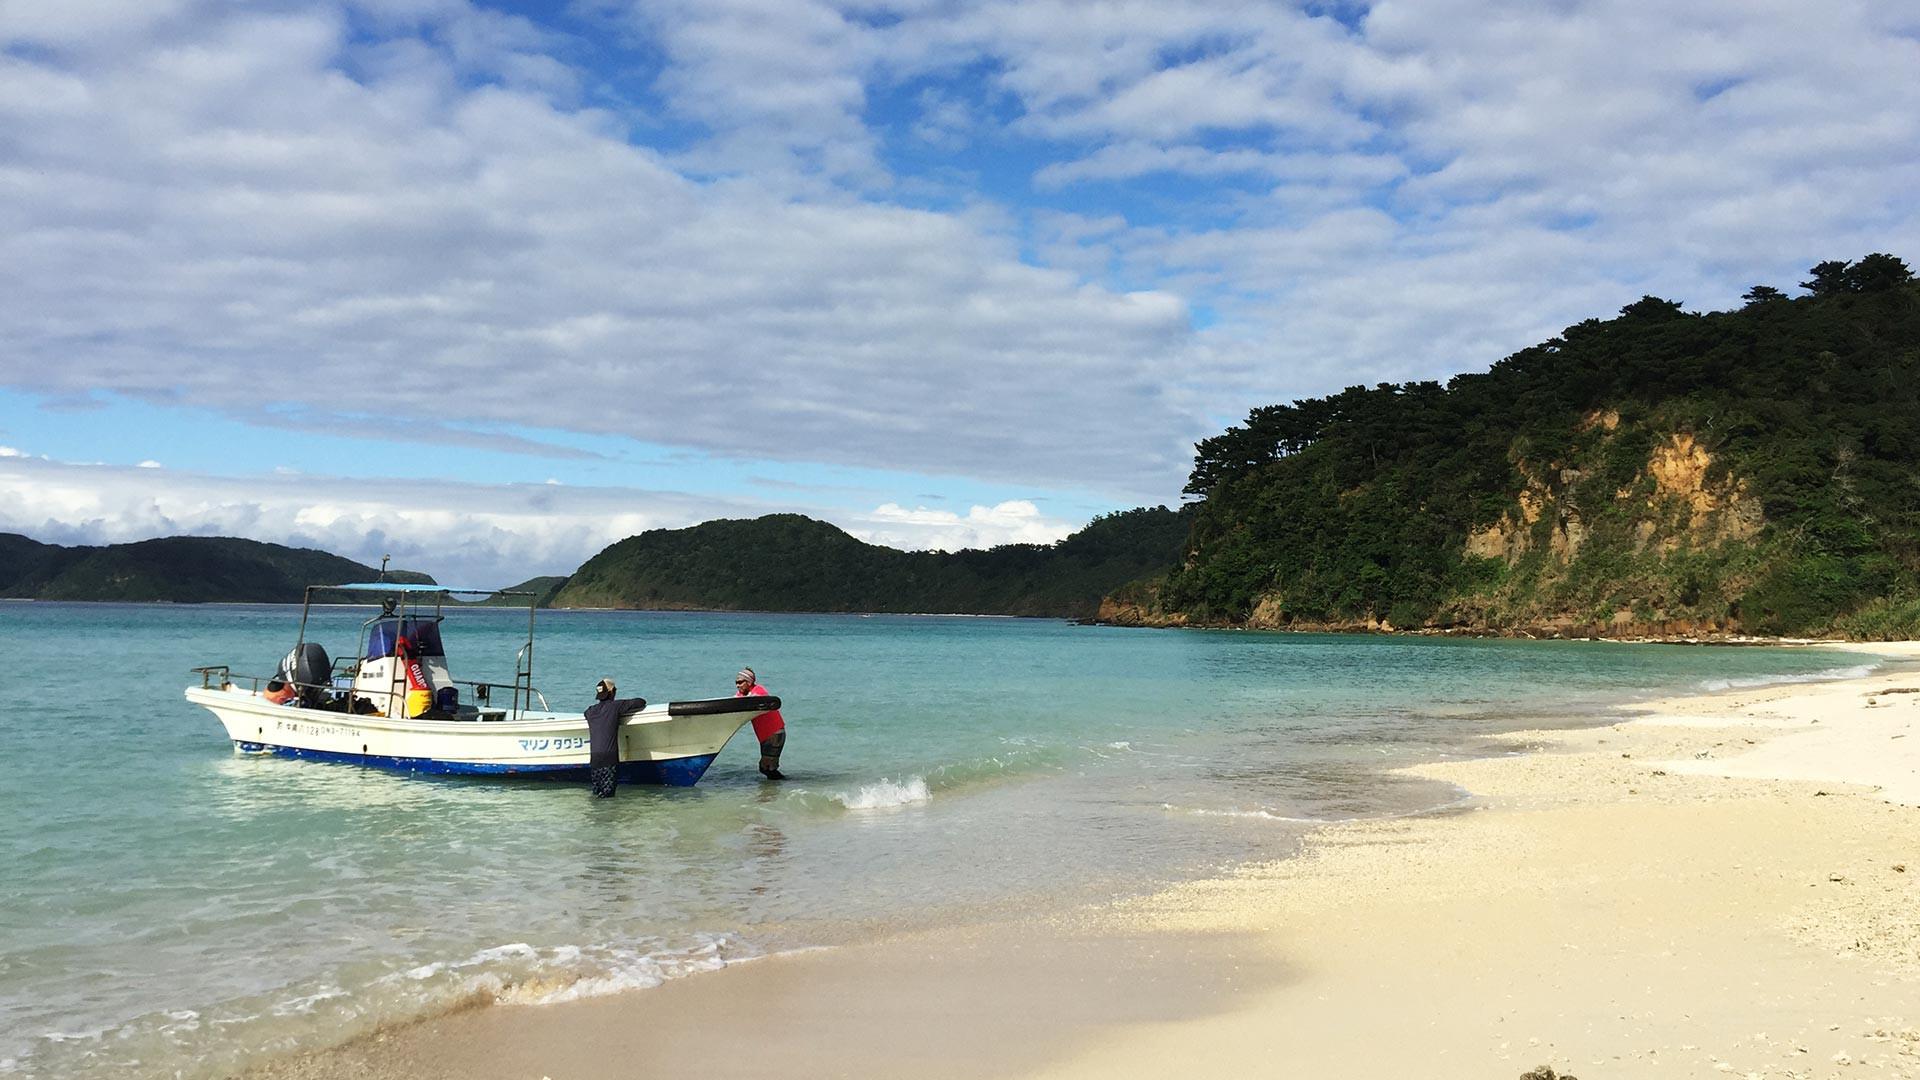 One of Iriomote Island's stunning beaches